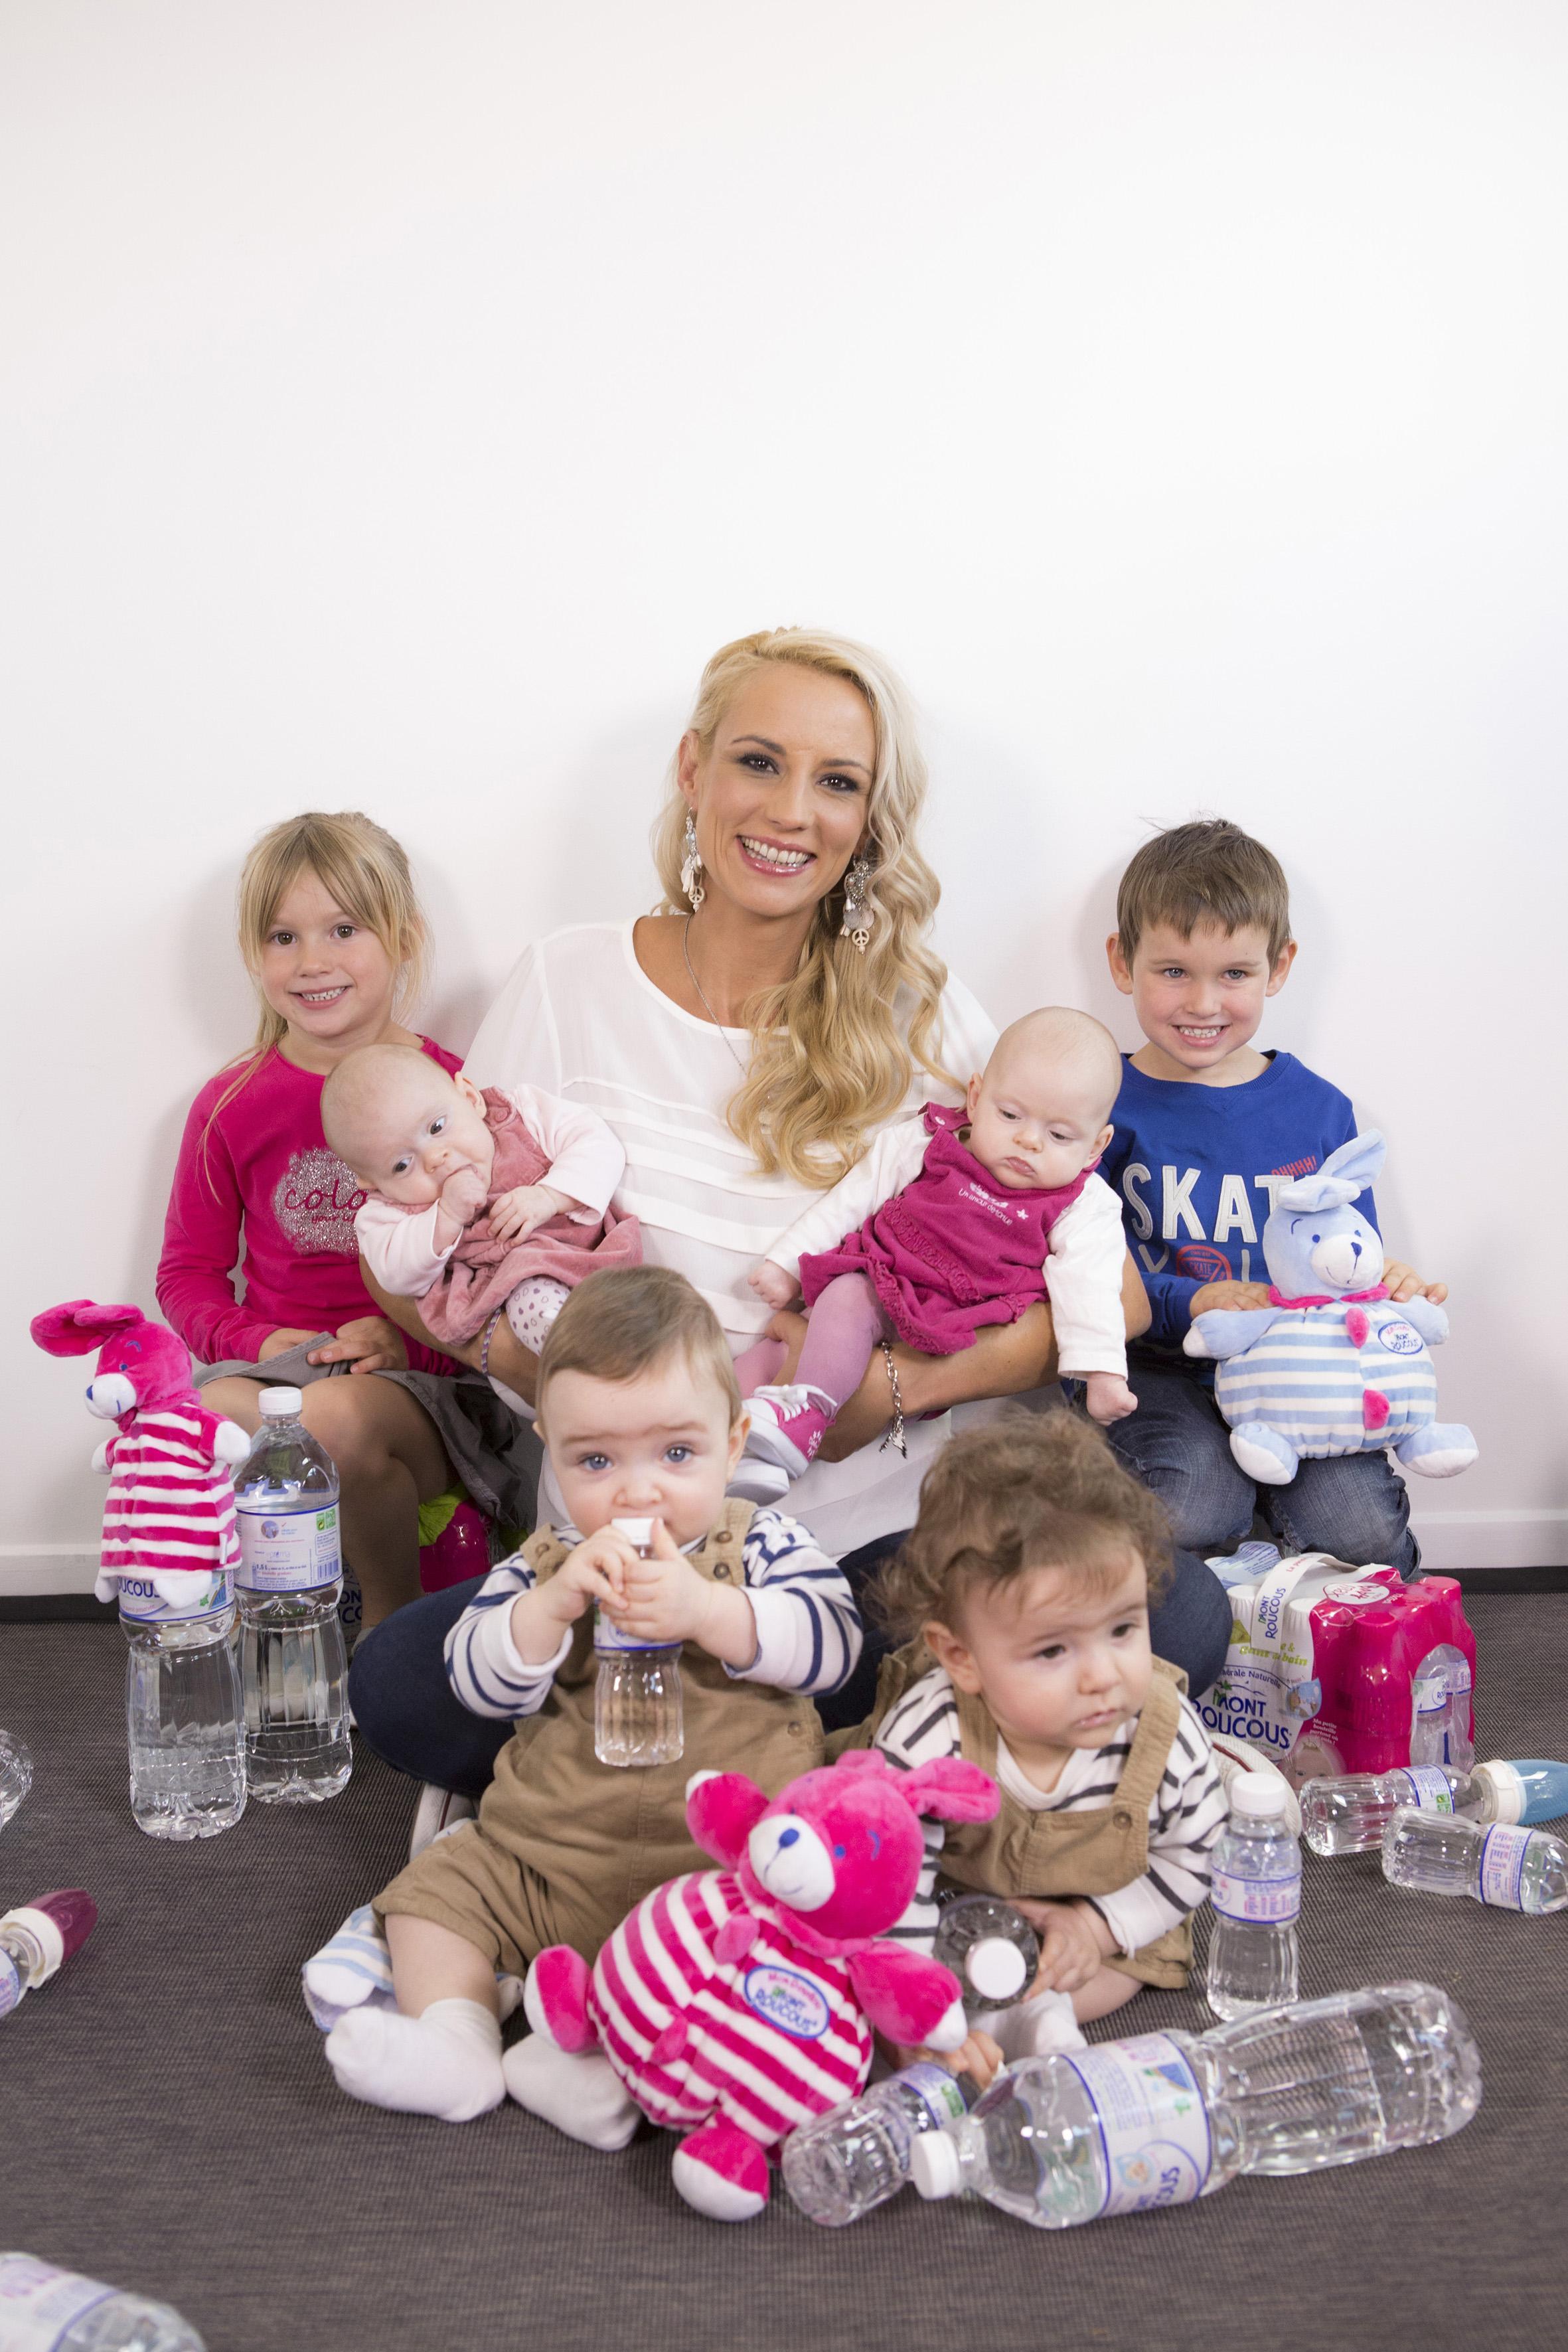 Mont roucous partenaire de jumeaux et plus jumeaux et plus - Elodie gossuin et ses enfants ...